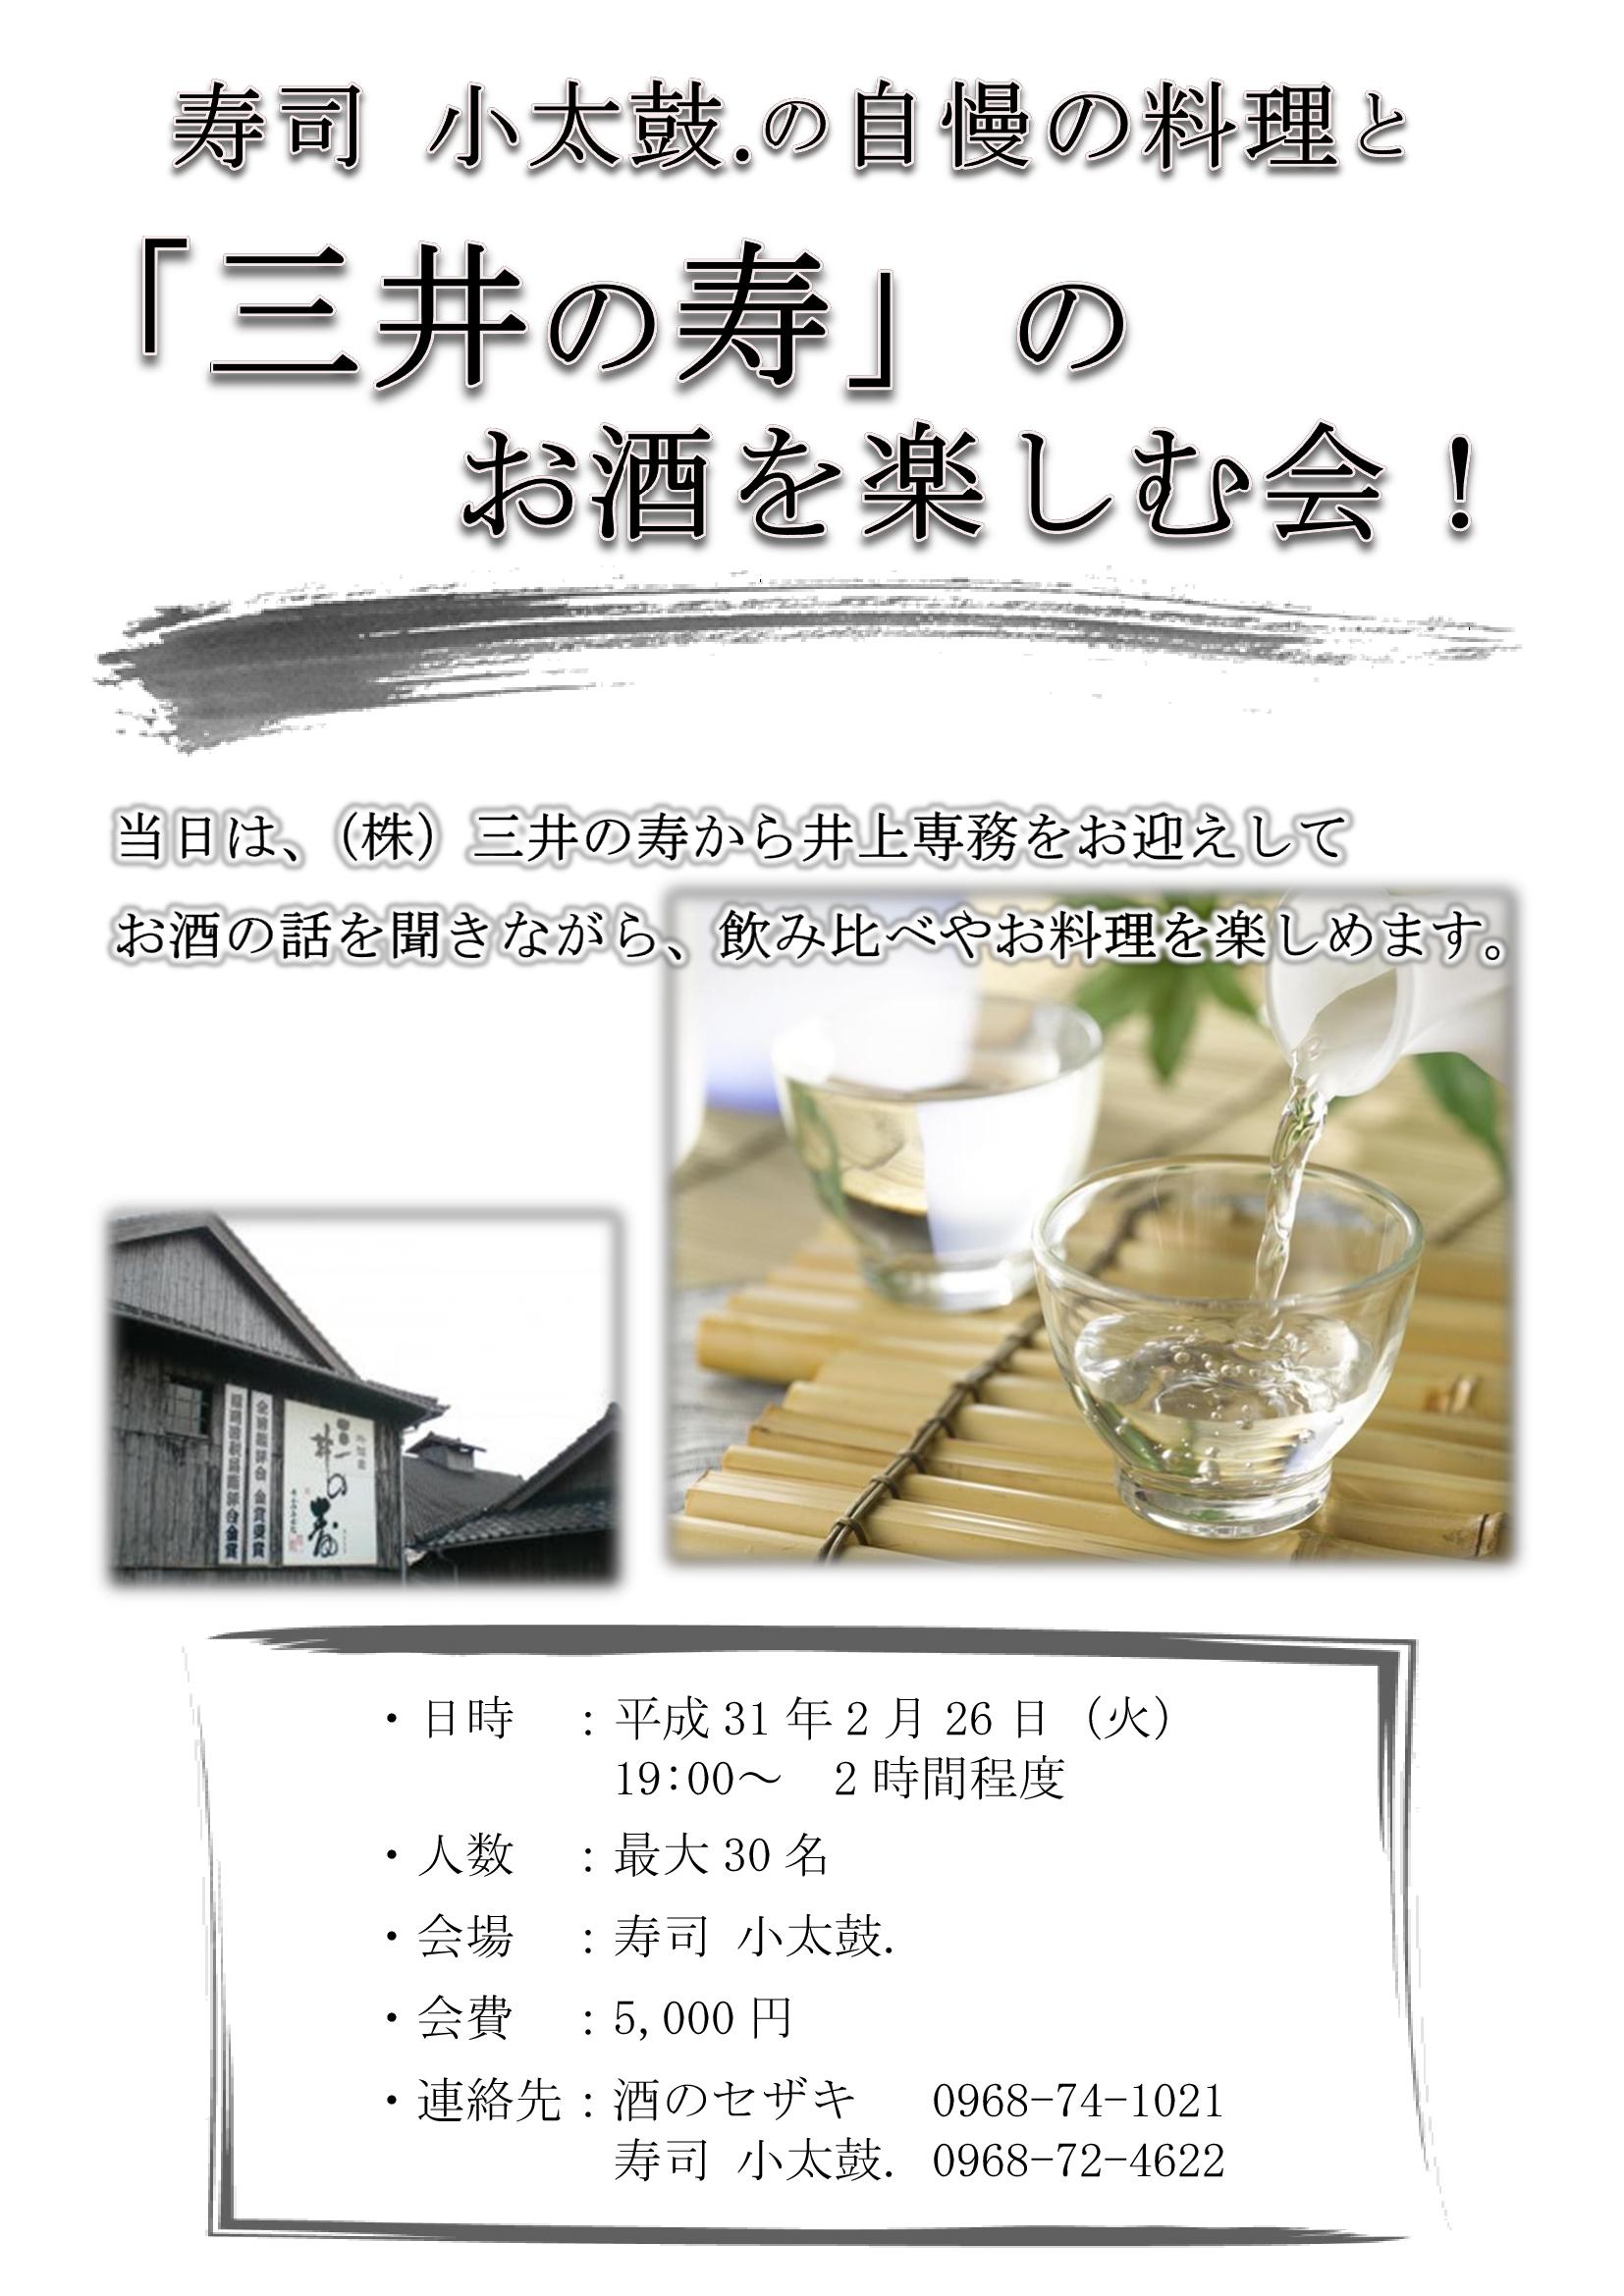 「三井の寿」のお酒を楽しむ会チラシ